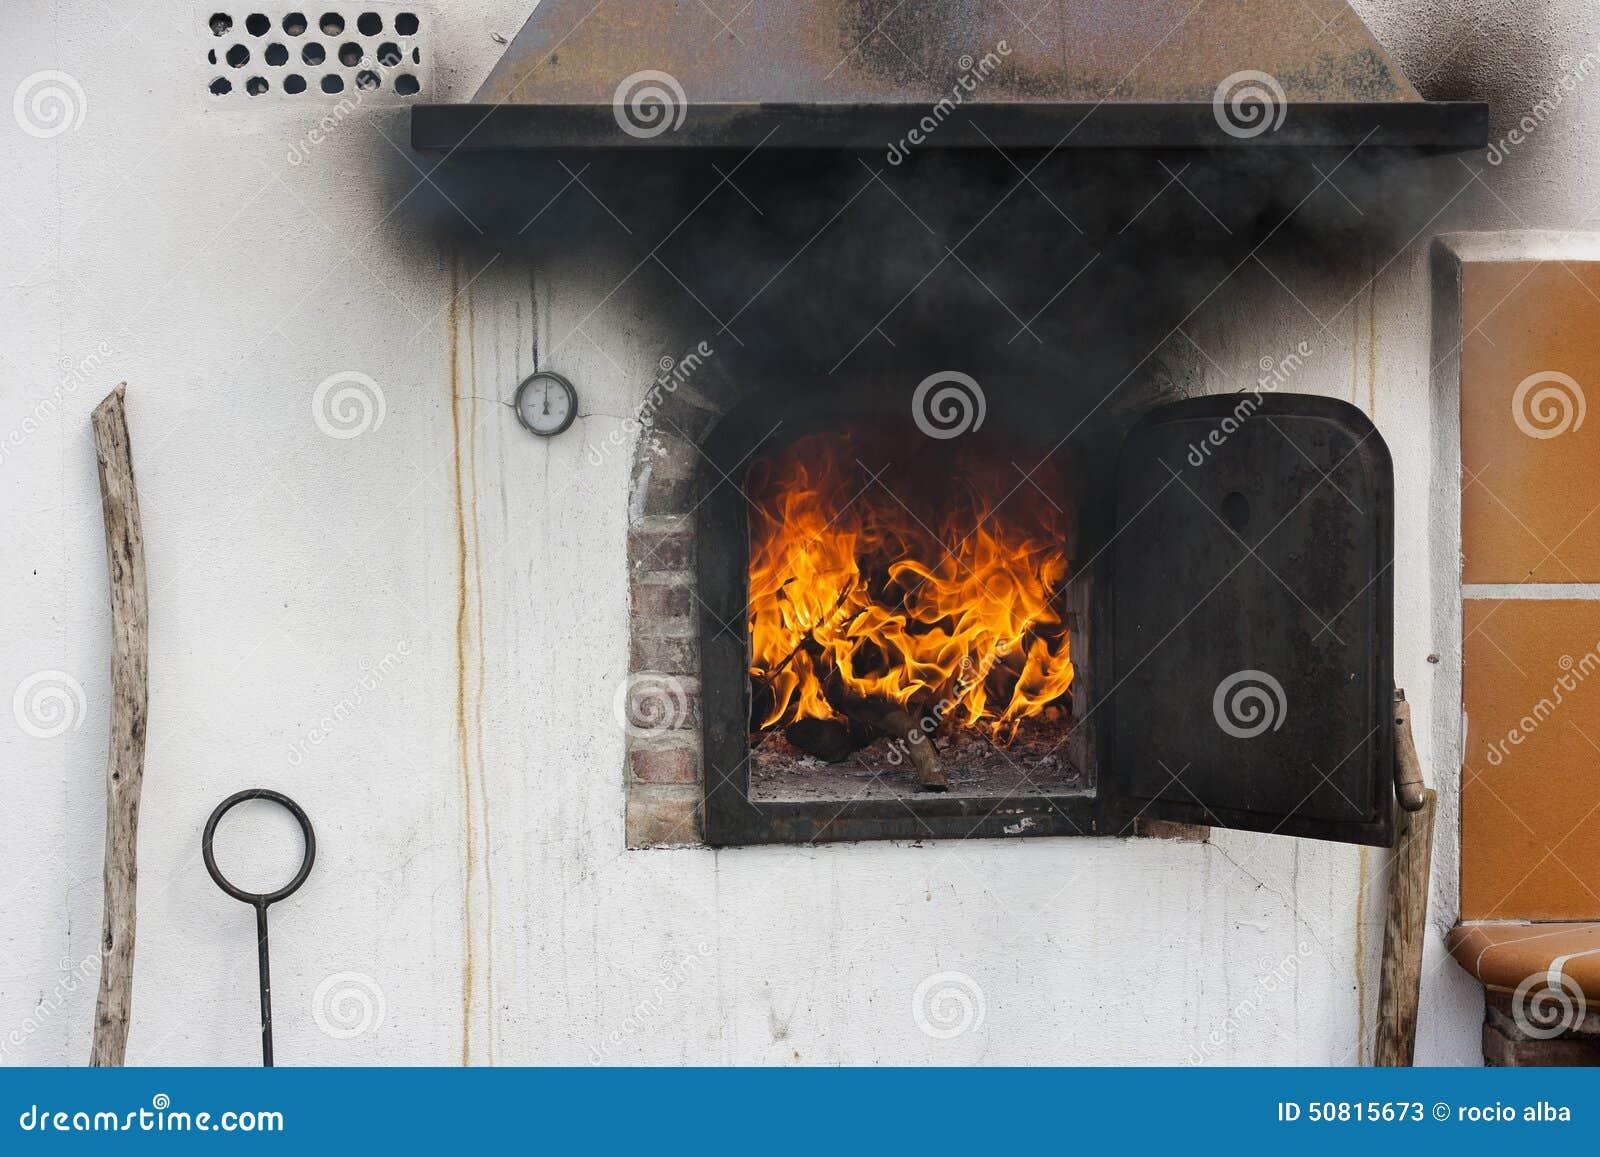 Piedra Cocinar | Horno De Piedra Con Las Llamas Listas Para Comenzar A Cocinar